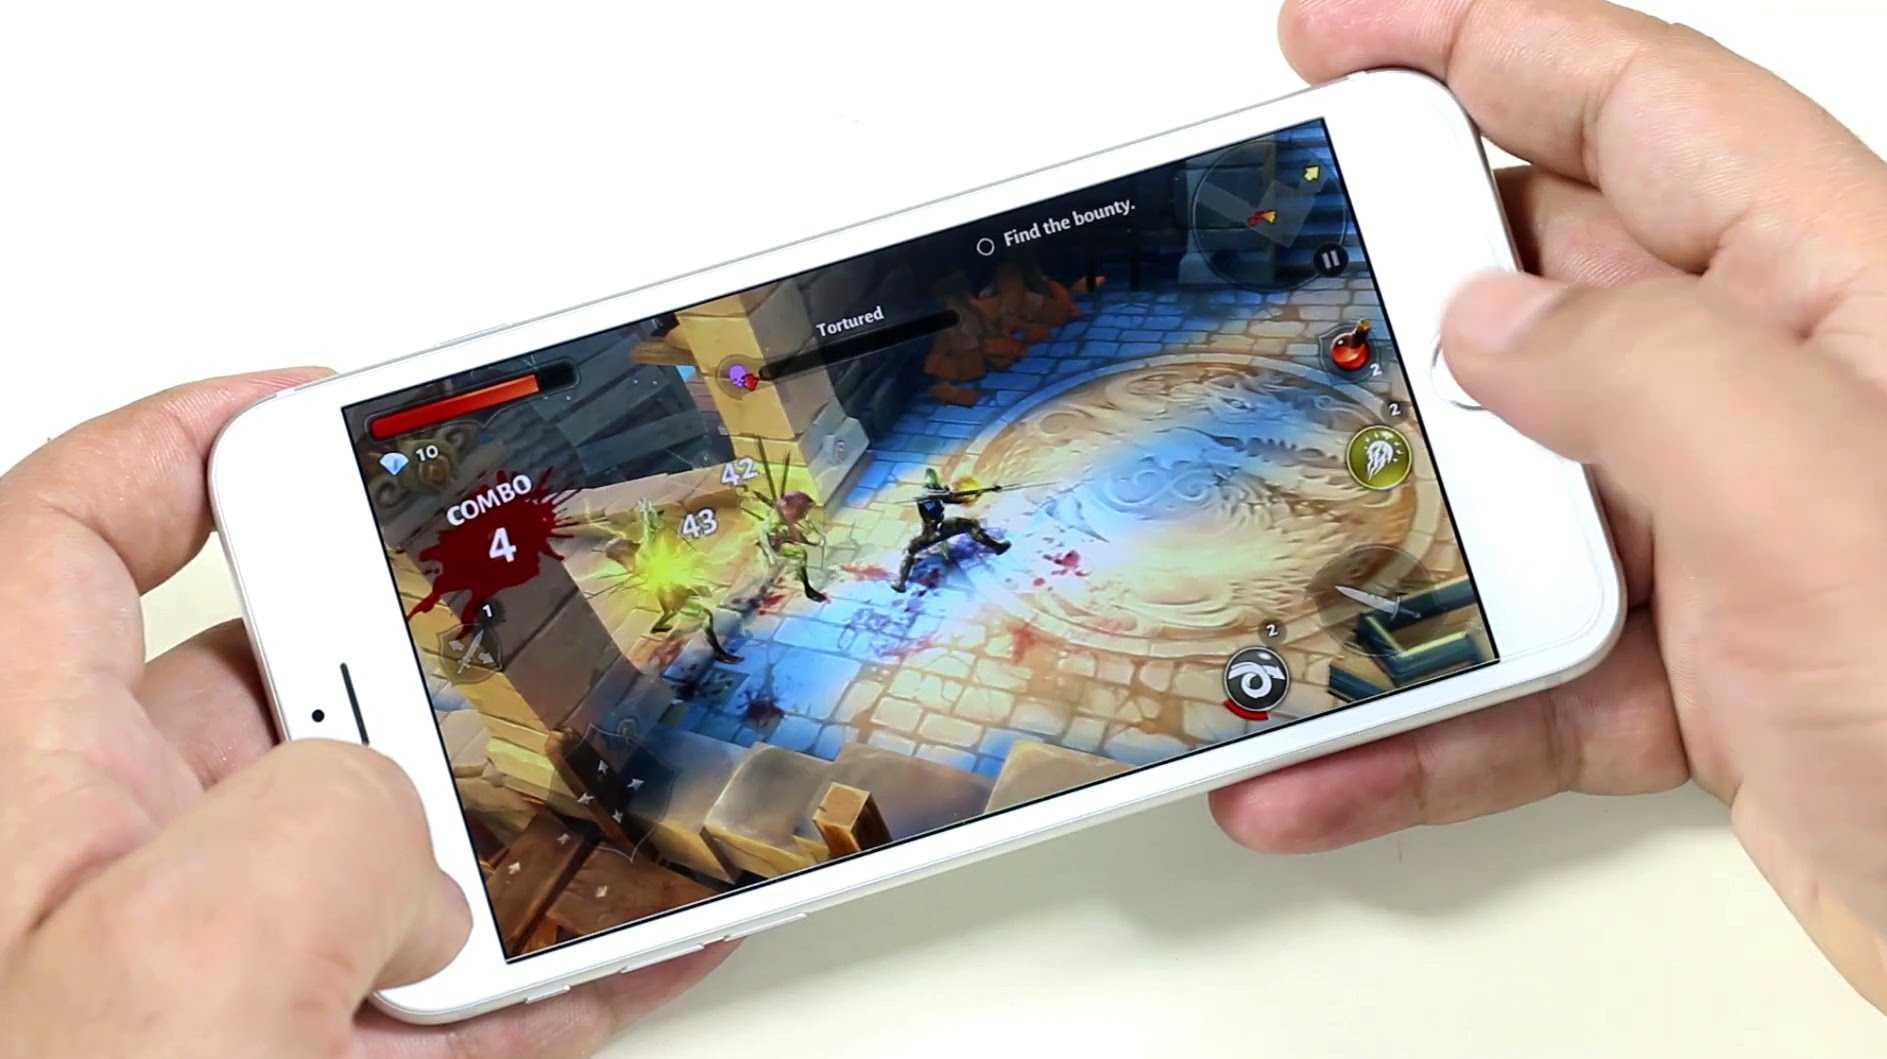 Haftanın Öne Çıkan iOS Oyunları (03 Haziran 2015)